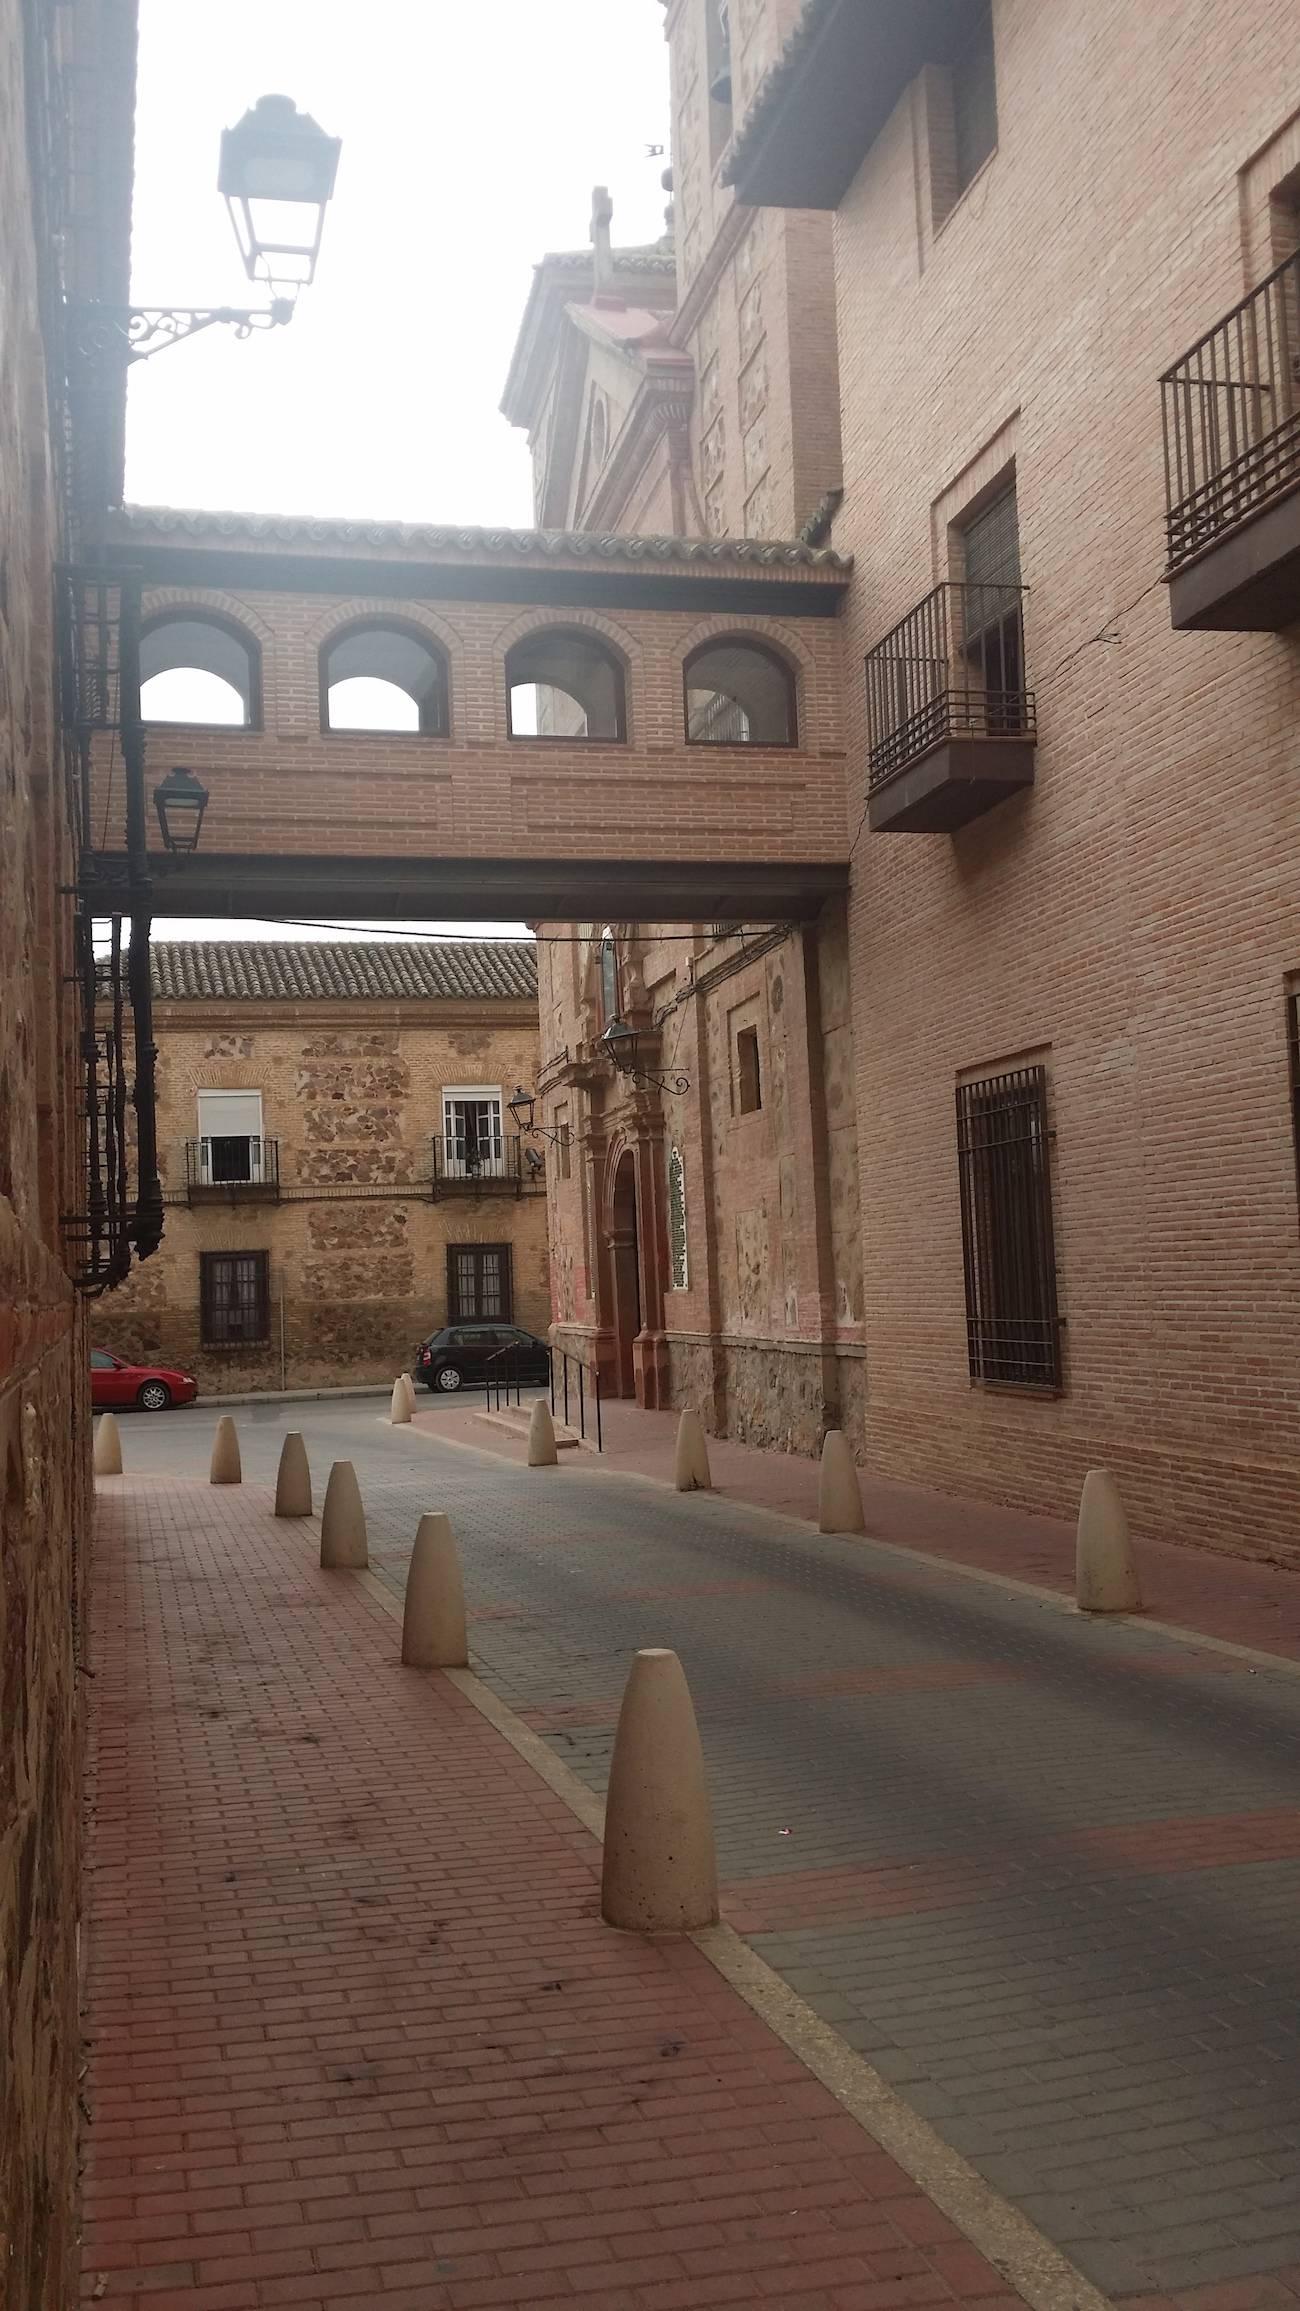 Consejo de Urbanismo y Patrimonio - Creación del Consejo Local de Urbanismo y Patrimonio de Herencia